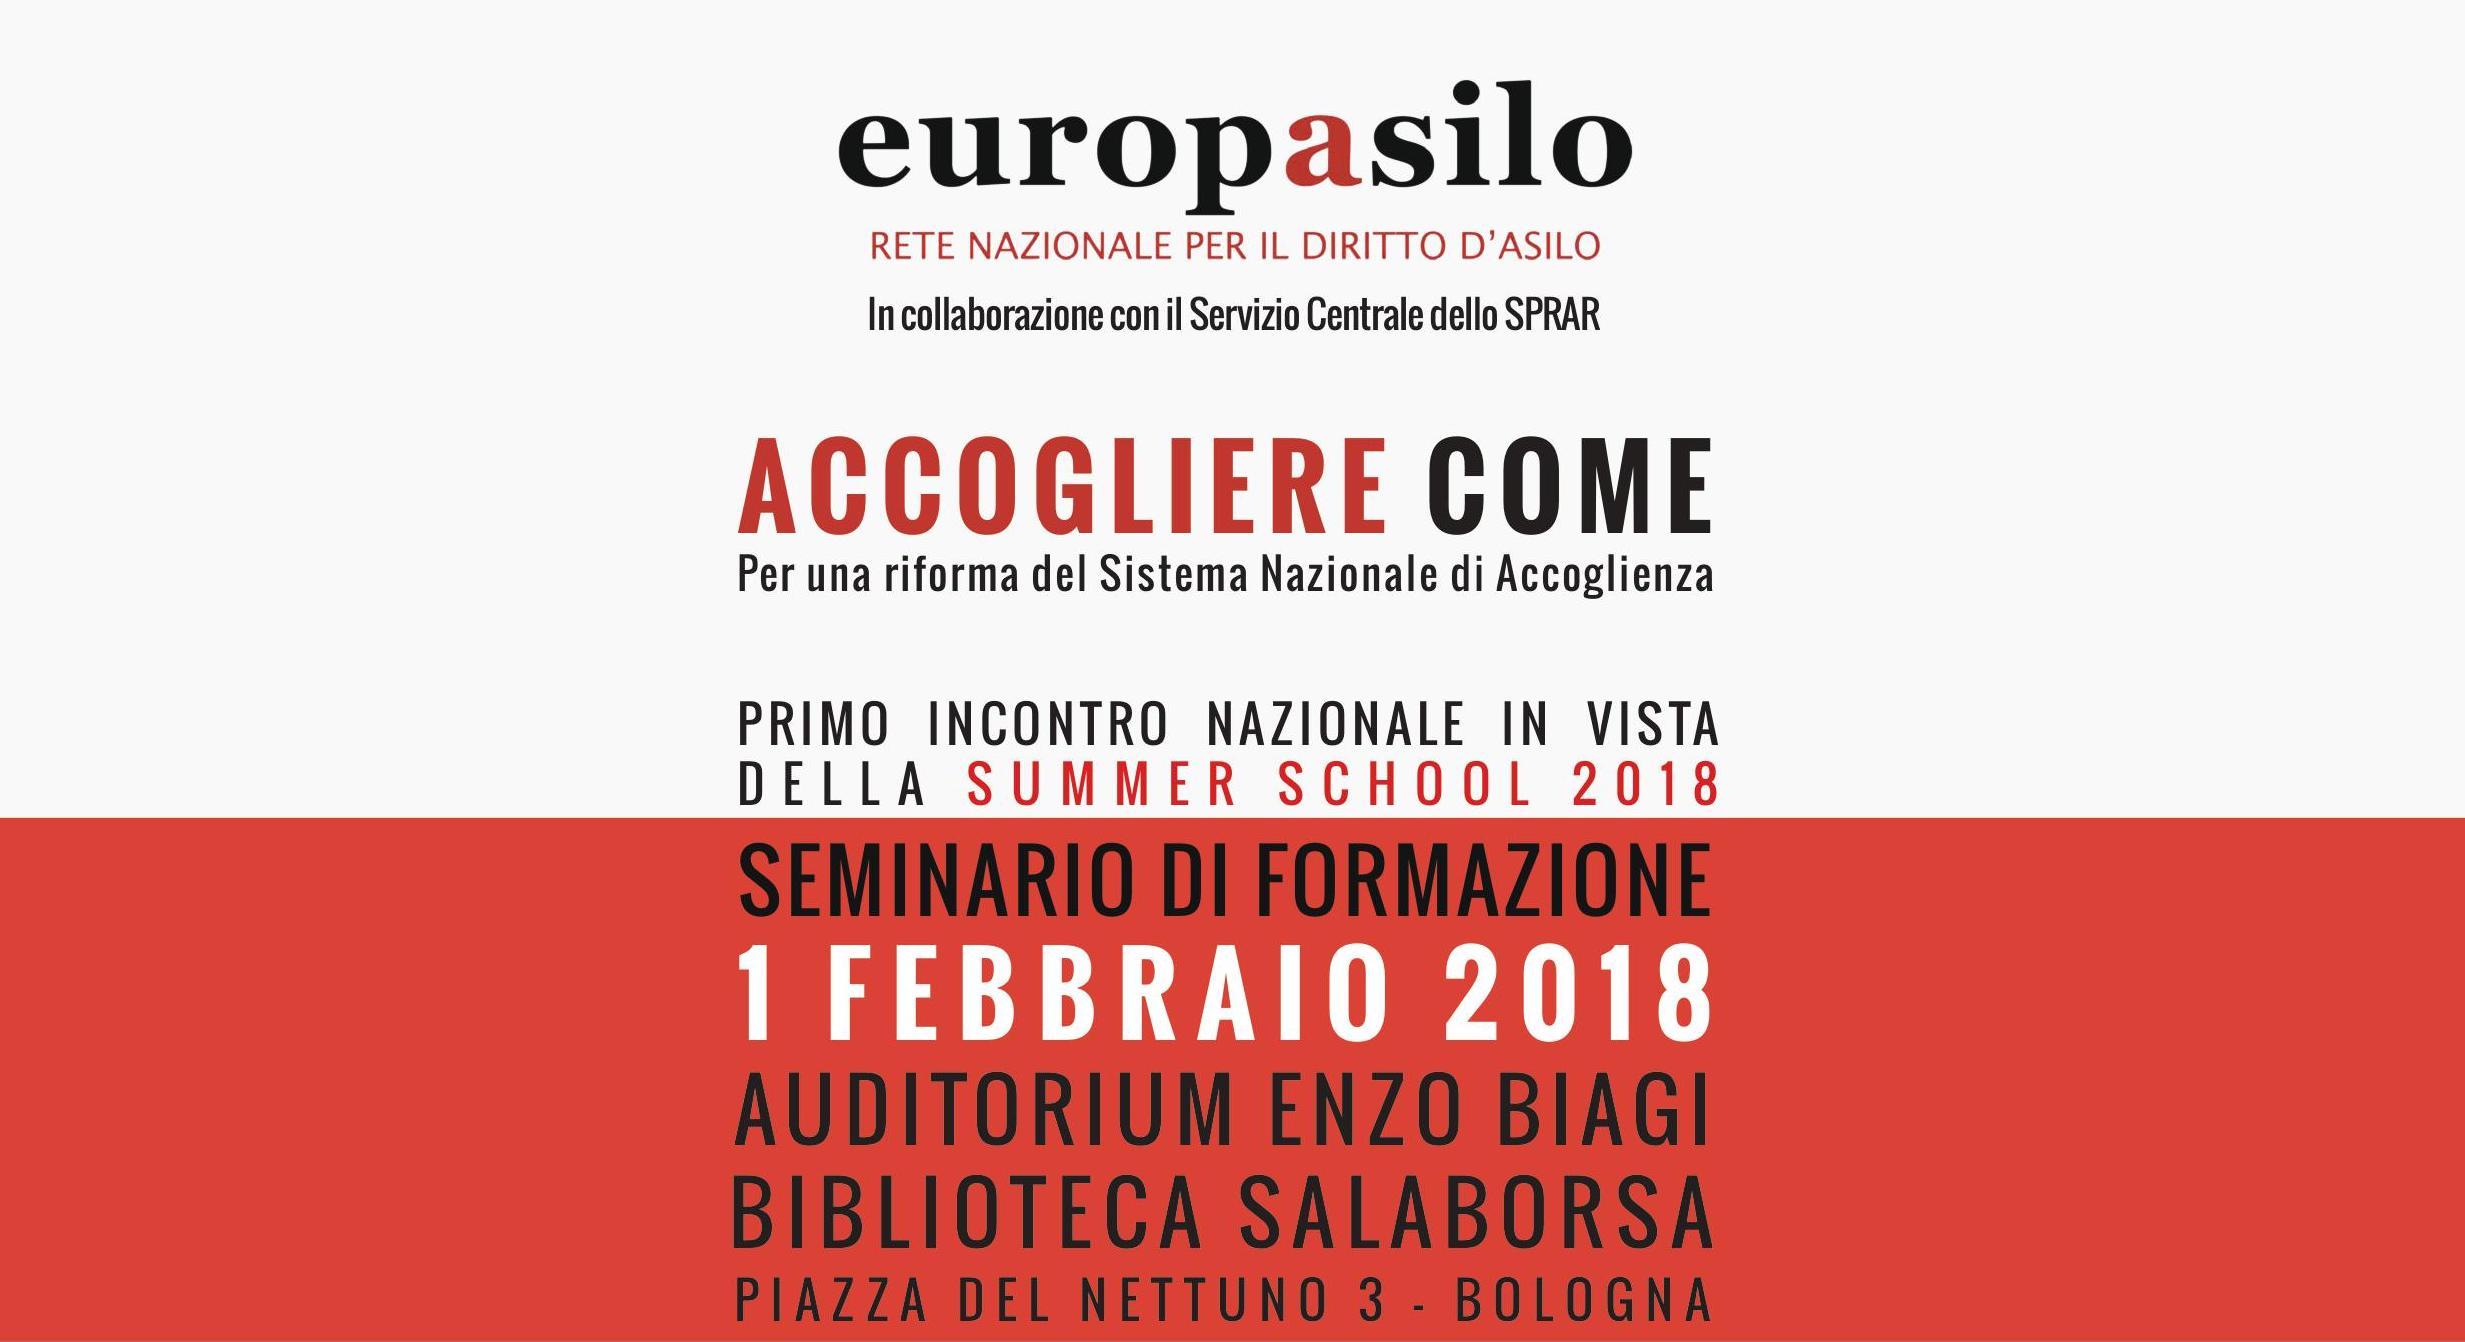 Accogliere come. Per una riforma del Sistema Nazionale di Accoglienza. L'1 febbraio a Bologna una giornata di formazione per addetti al settore